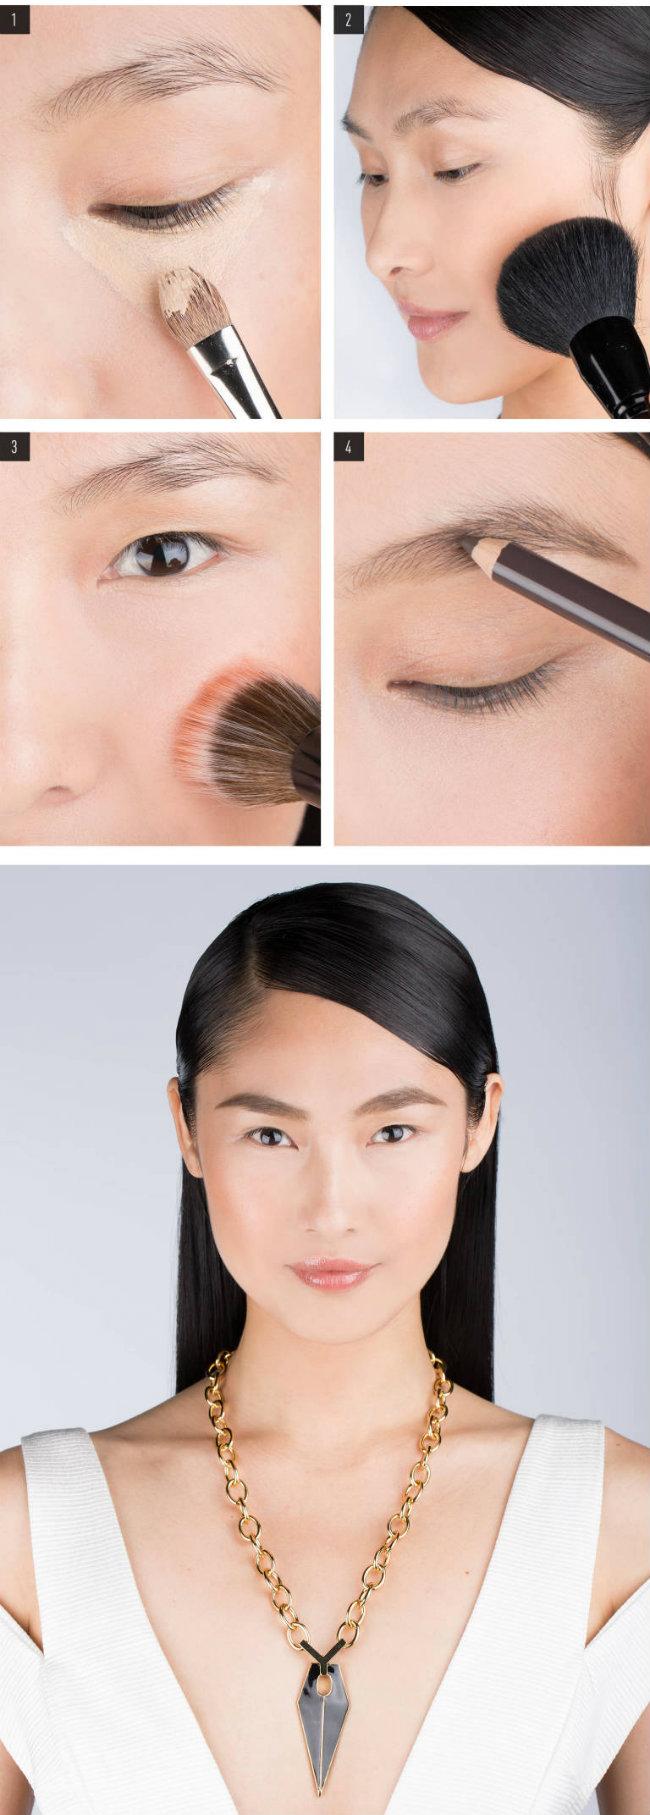 Minimalna šminka Minimalistička šminka: Istaknite prirodnu lepotu